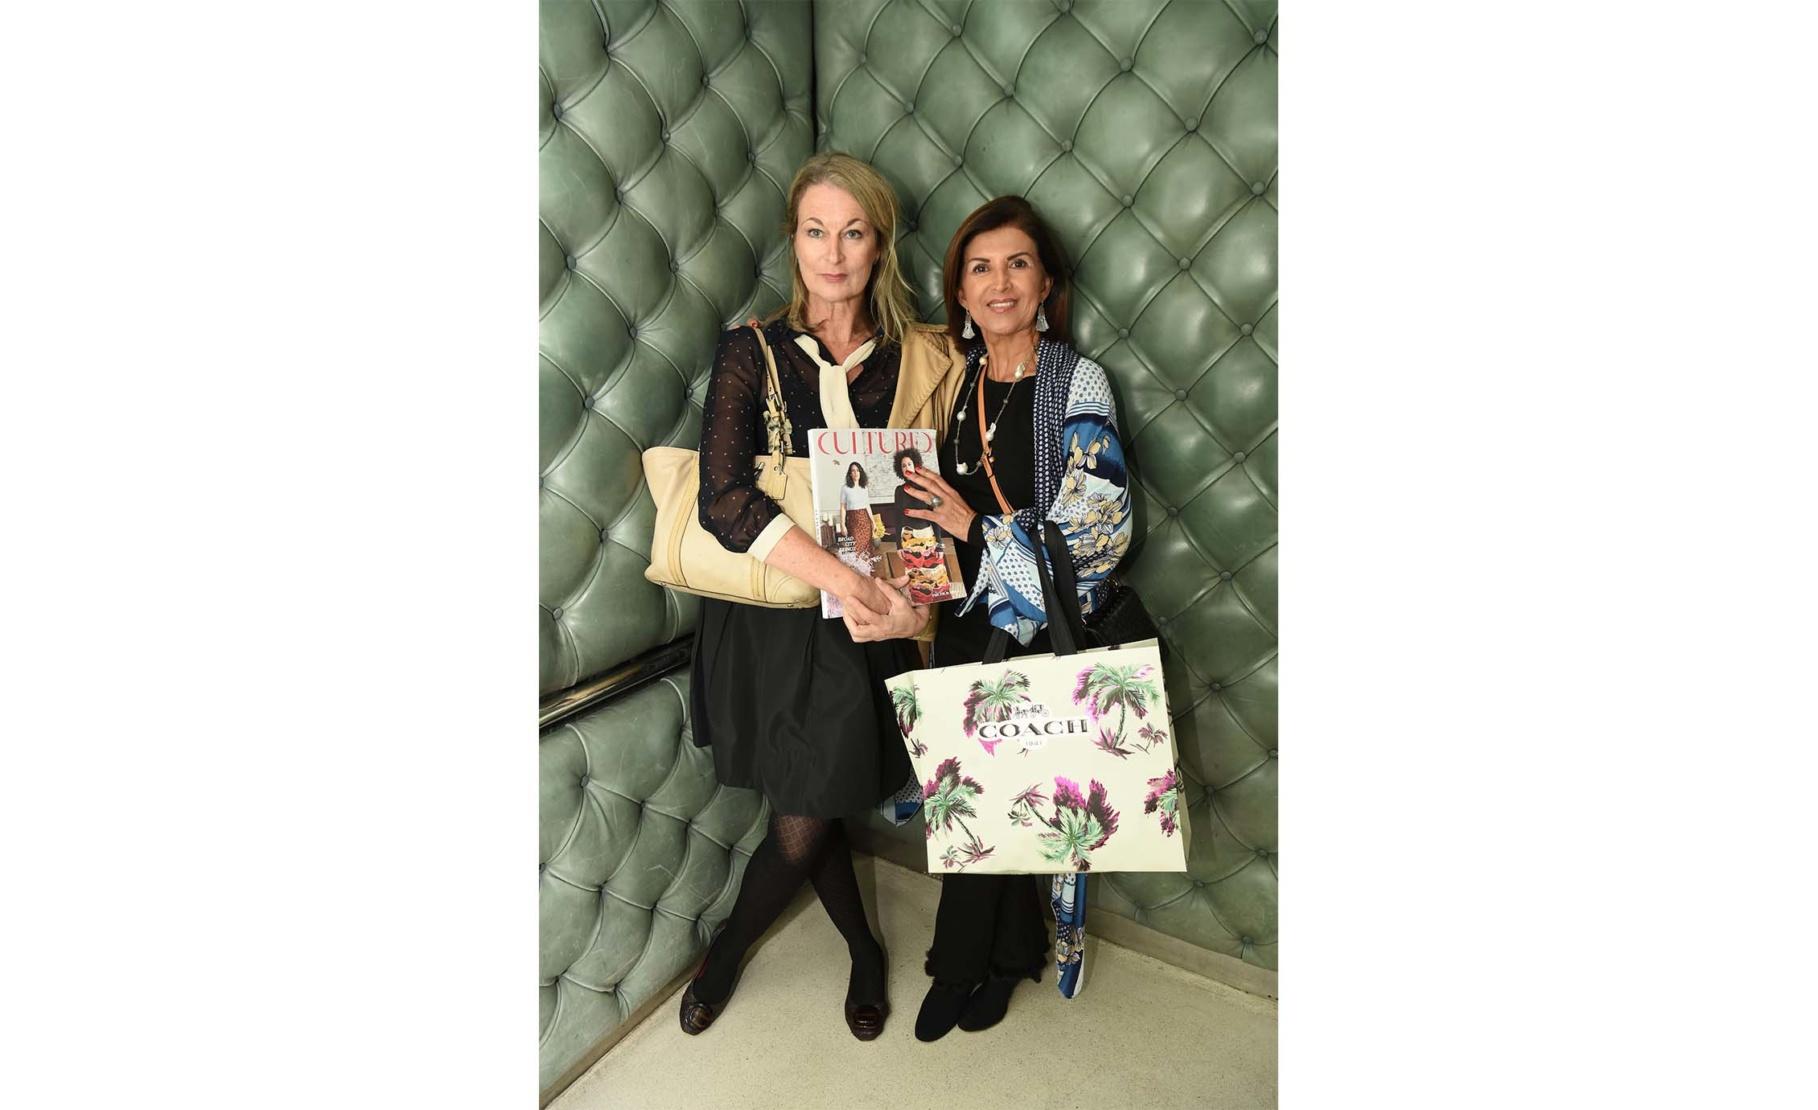 Johanna Sherry and Ana Rosa Phillips